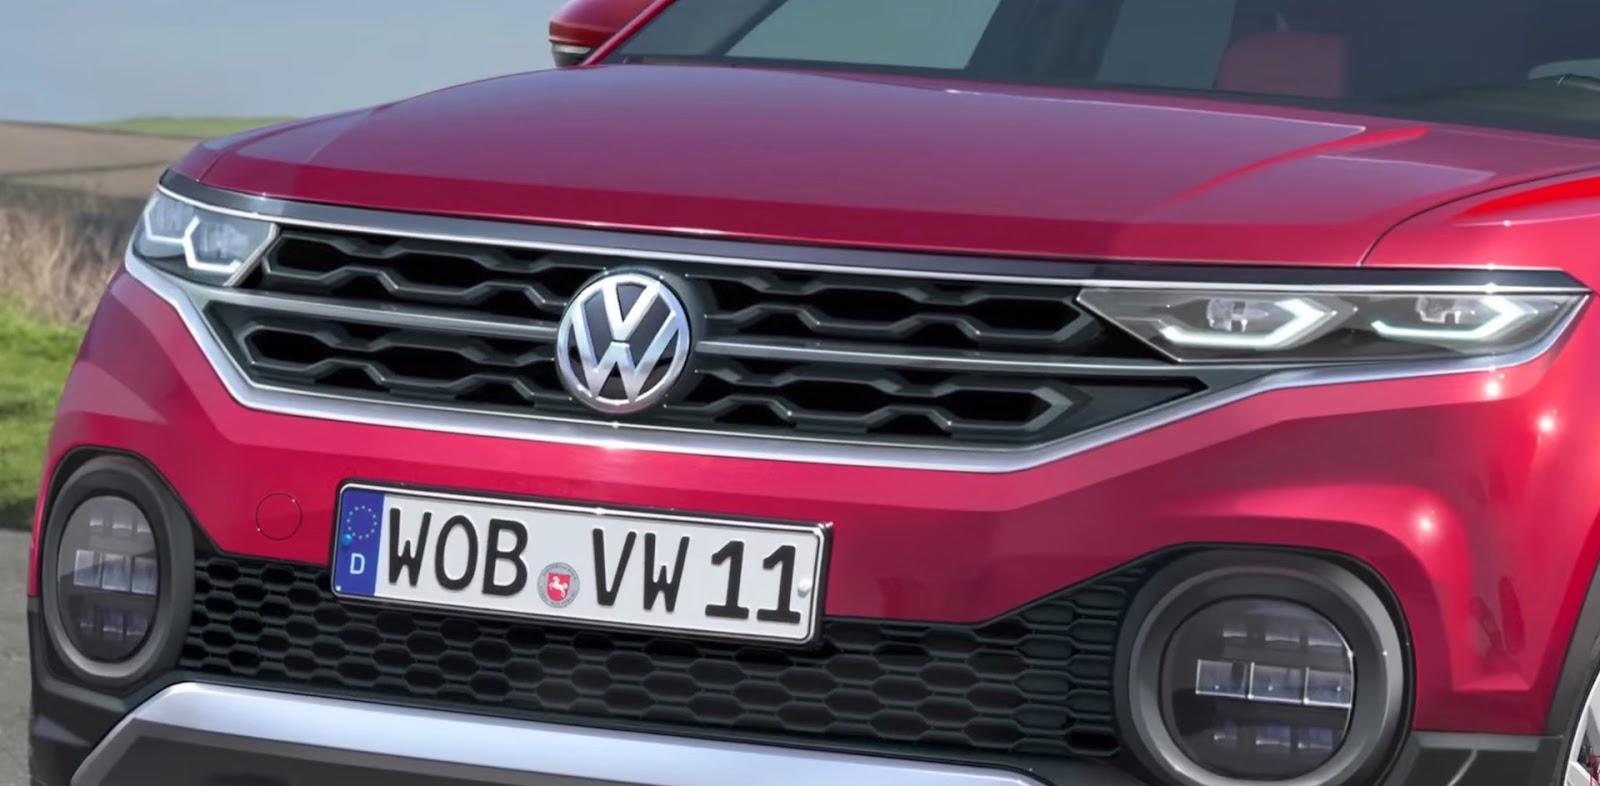 foto dettaglio volkswagen t-cross griglia frontale calandra colore rosso